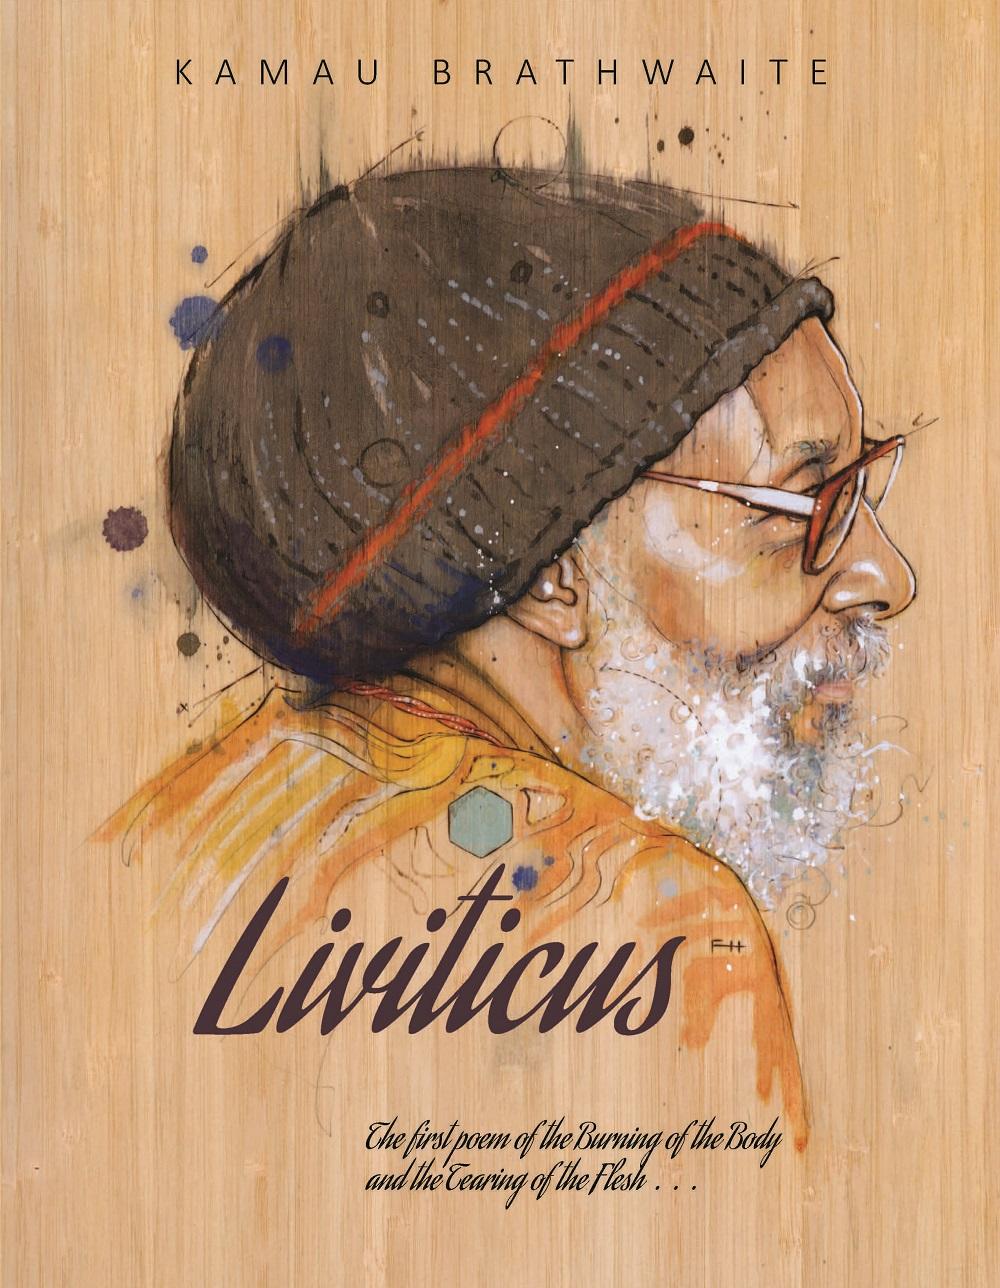 Liviticus Kamau Brathwaite book cover 2017